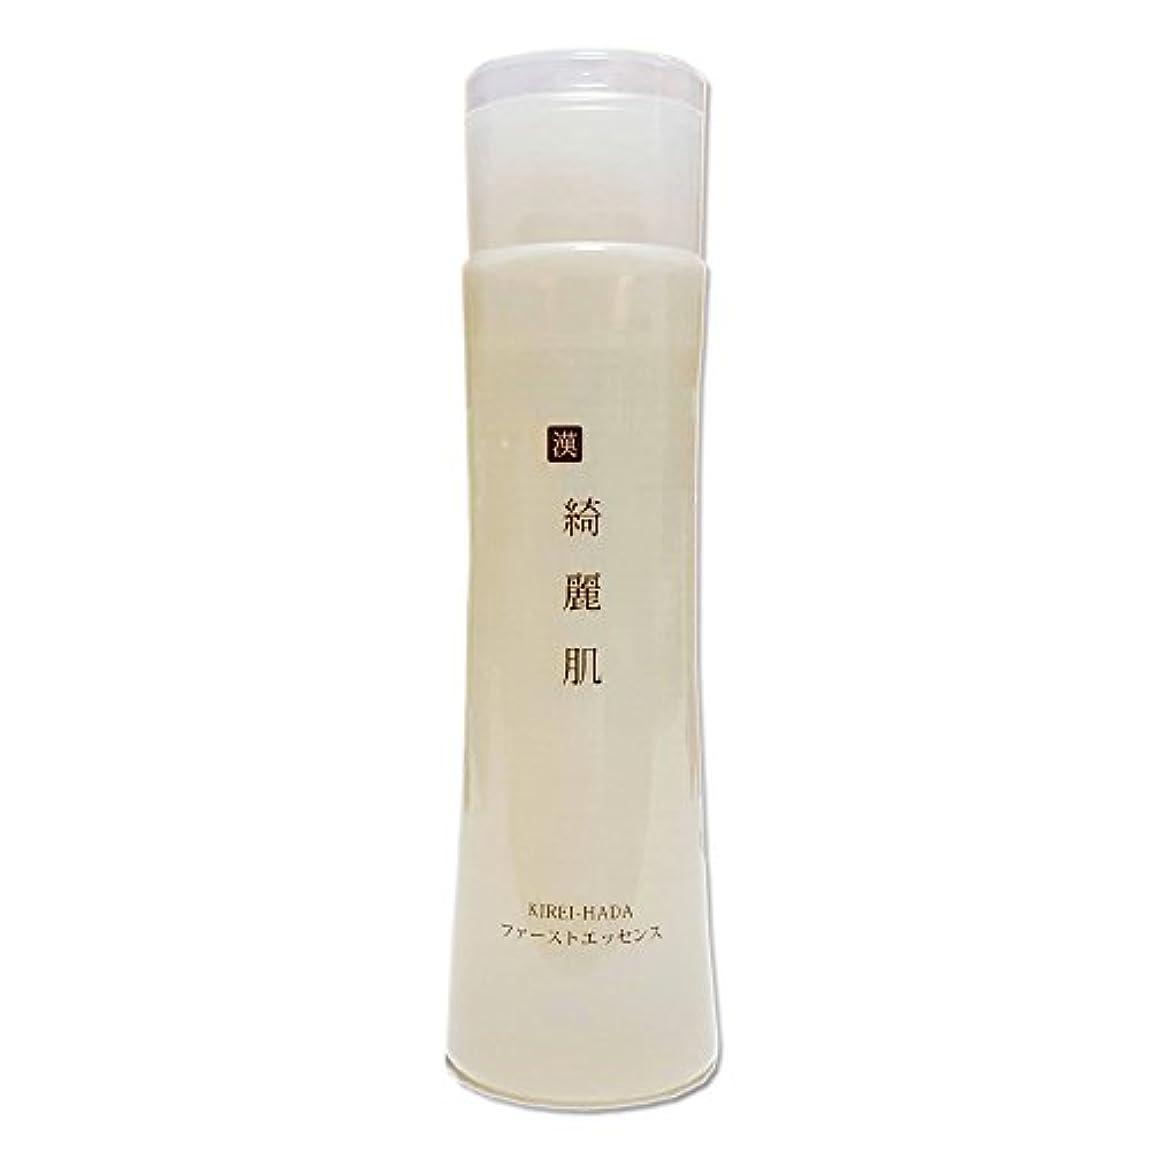 ラインペダルジレンマファーストエッセンス 美容液化粧水 200ml